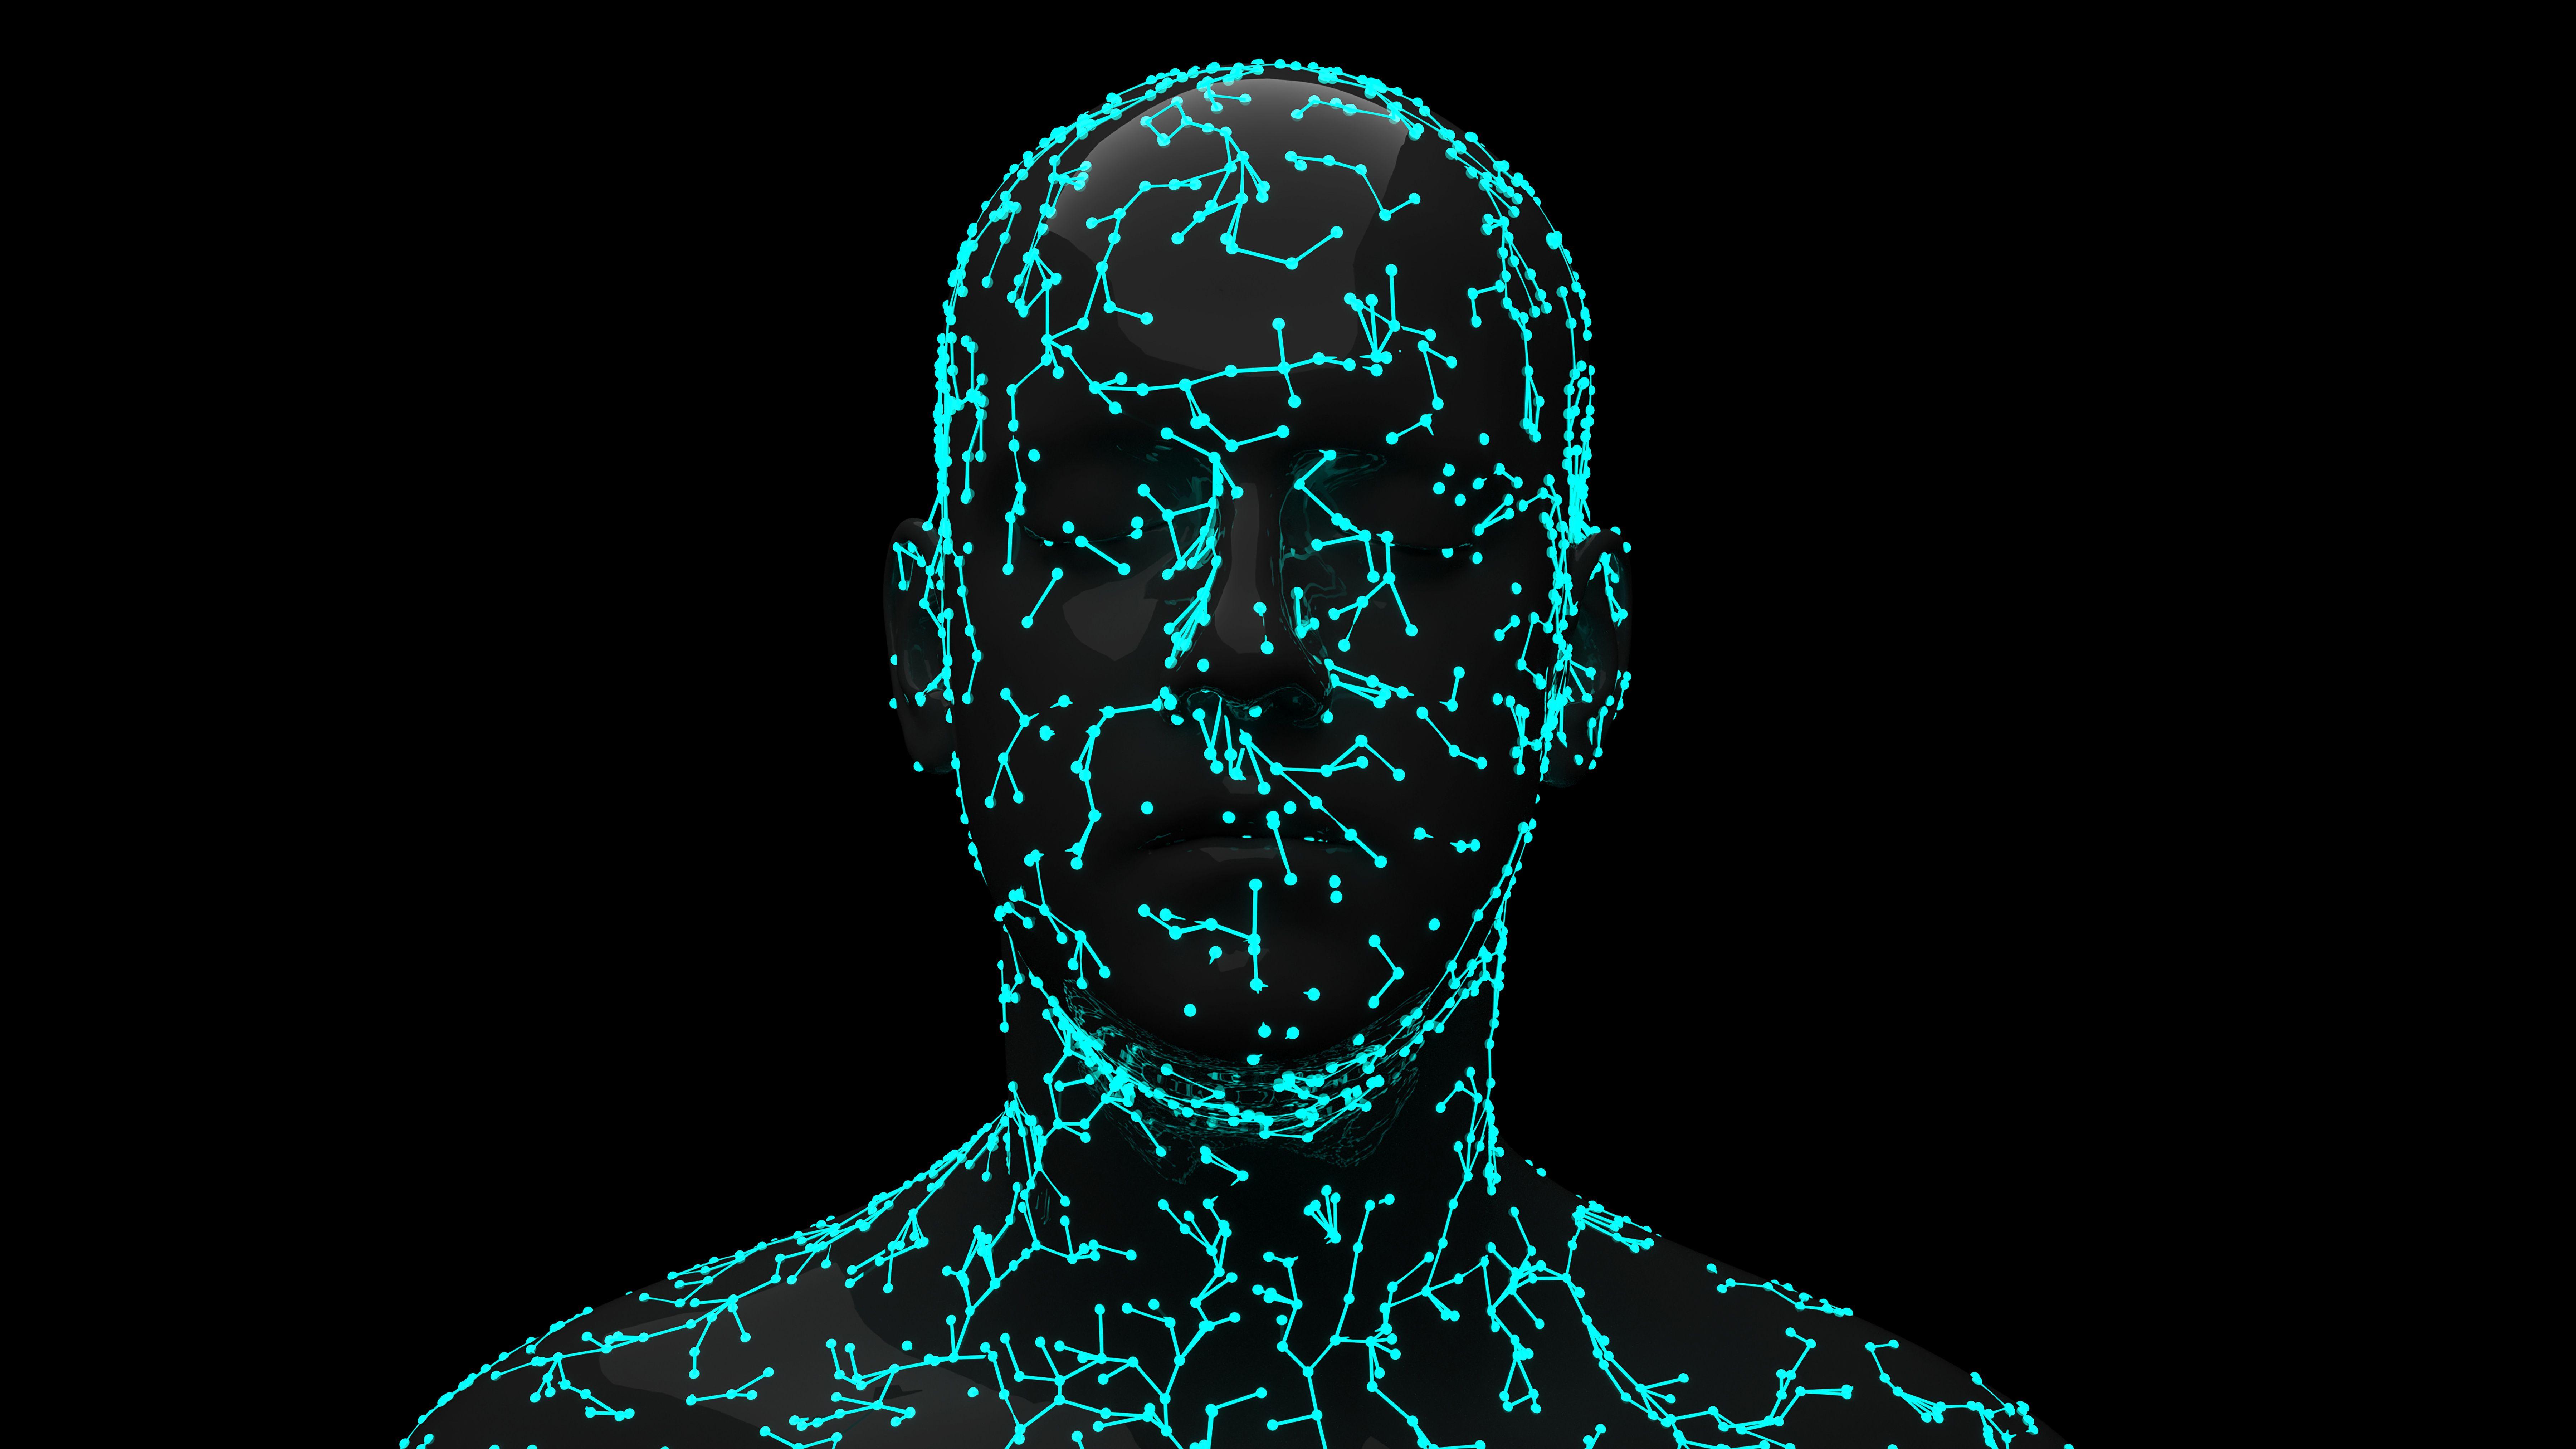 Минобороны США финансирует разработку системы распознавания лиц в темноте